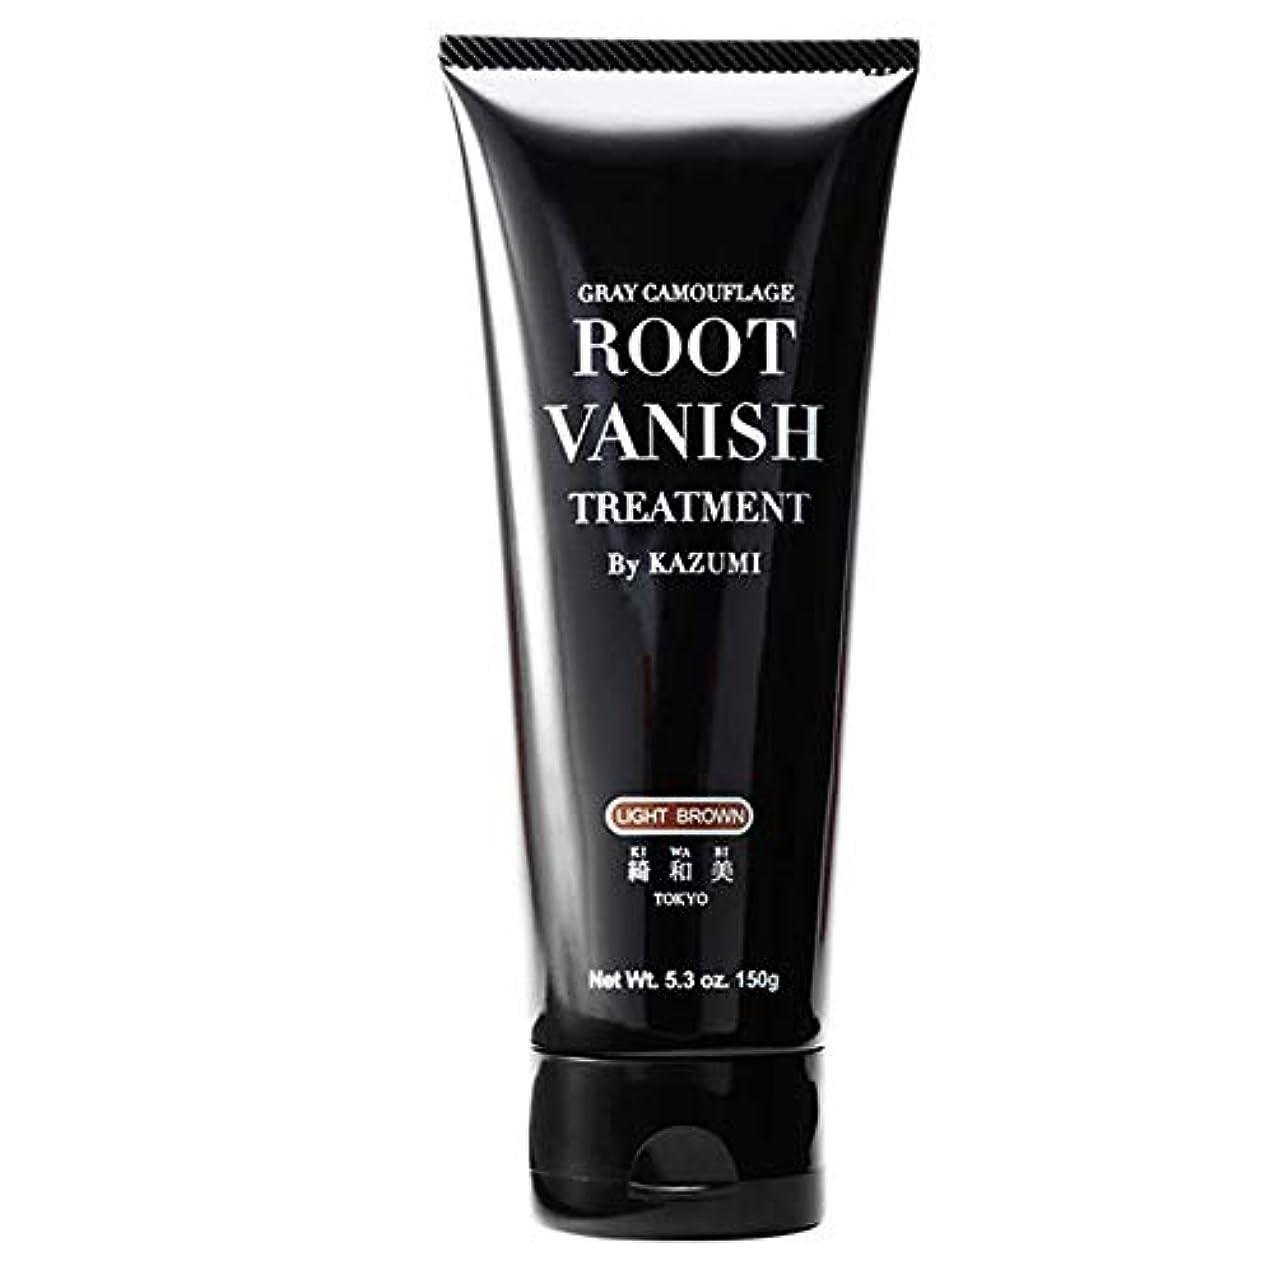 人盲目変形するRoot Vanish 白髪染め (ライトブラウン) ヘアカラートリートメント 女性用 [100%天然成分 / 無添加22種類の植物エキス配合]